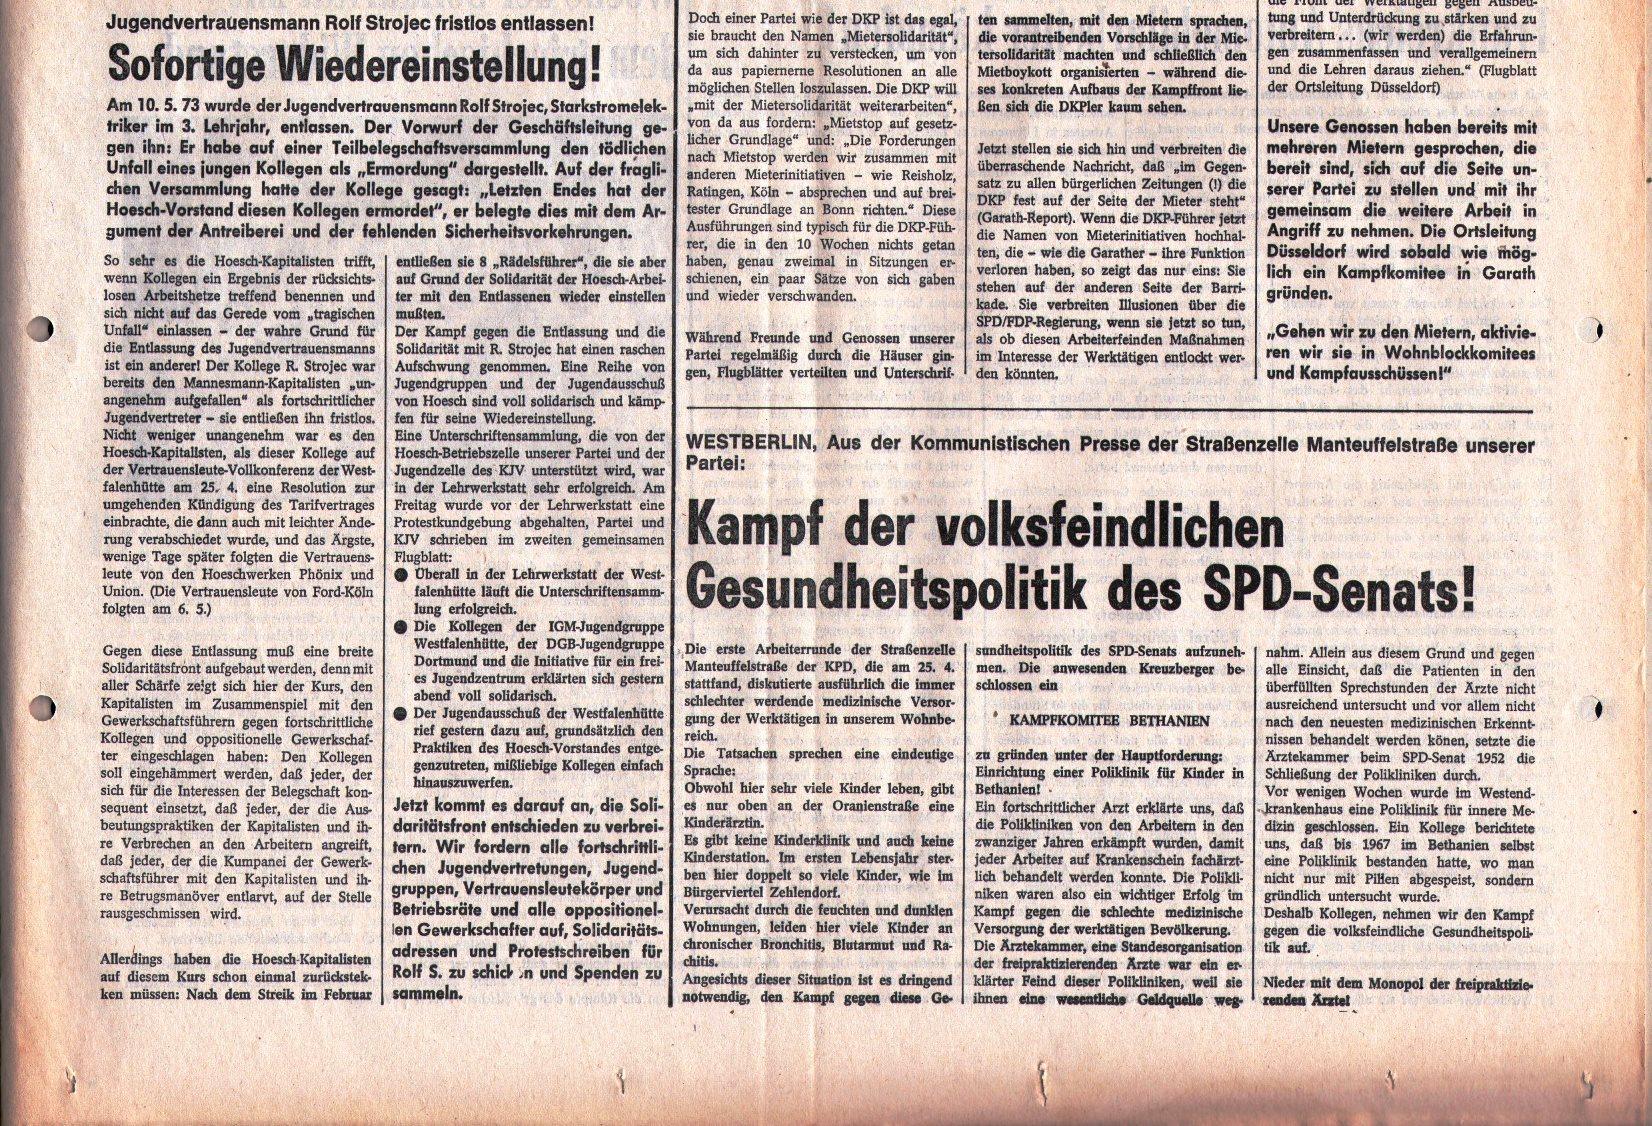 KPD_Rote_Fahne_1973_20_10